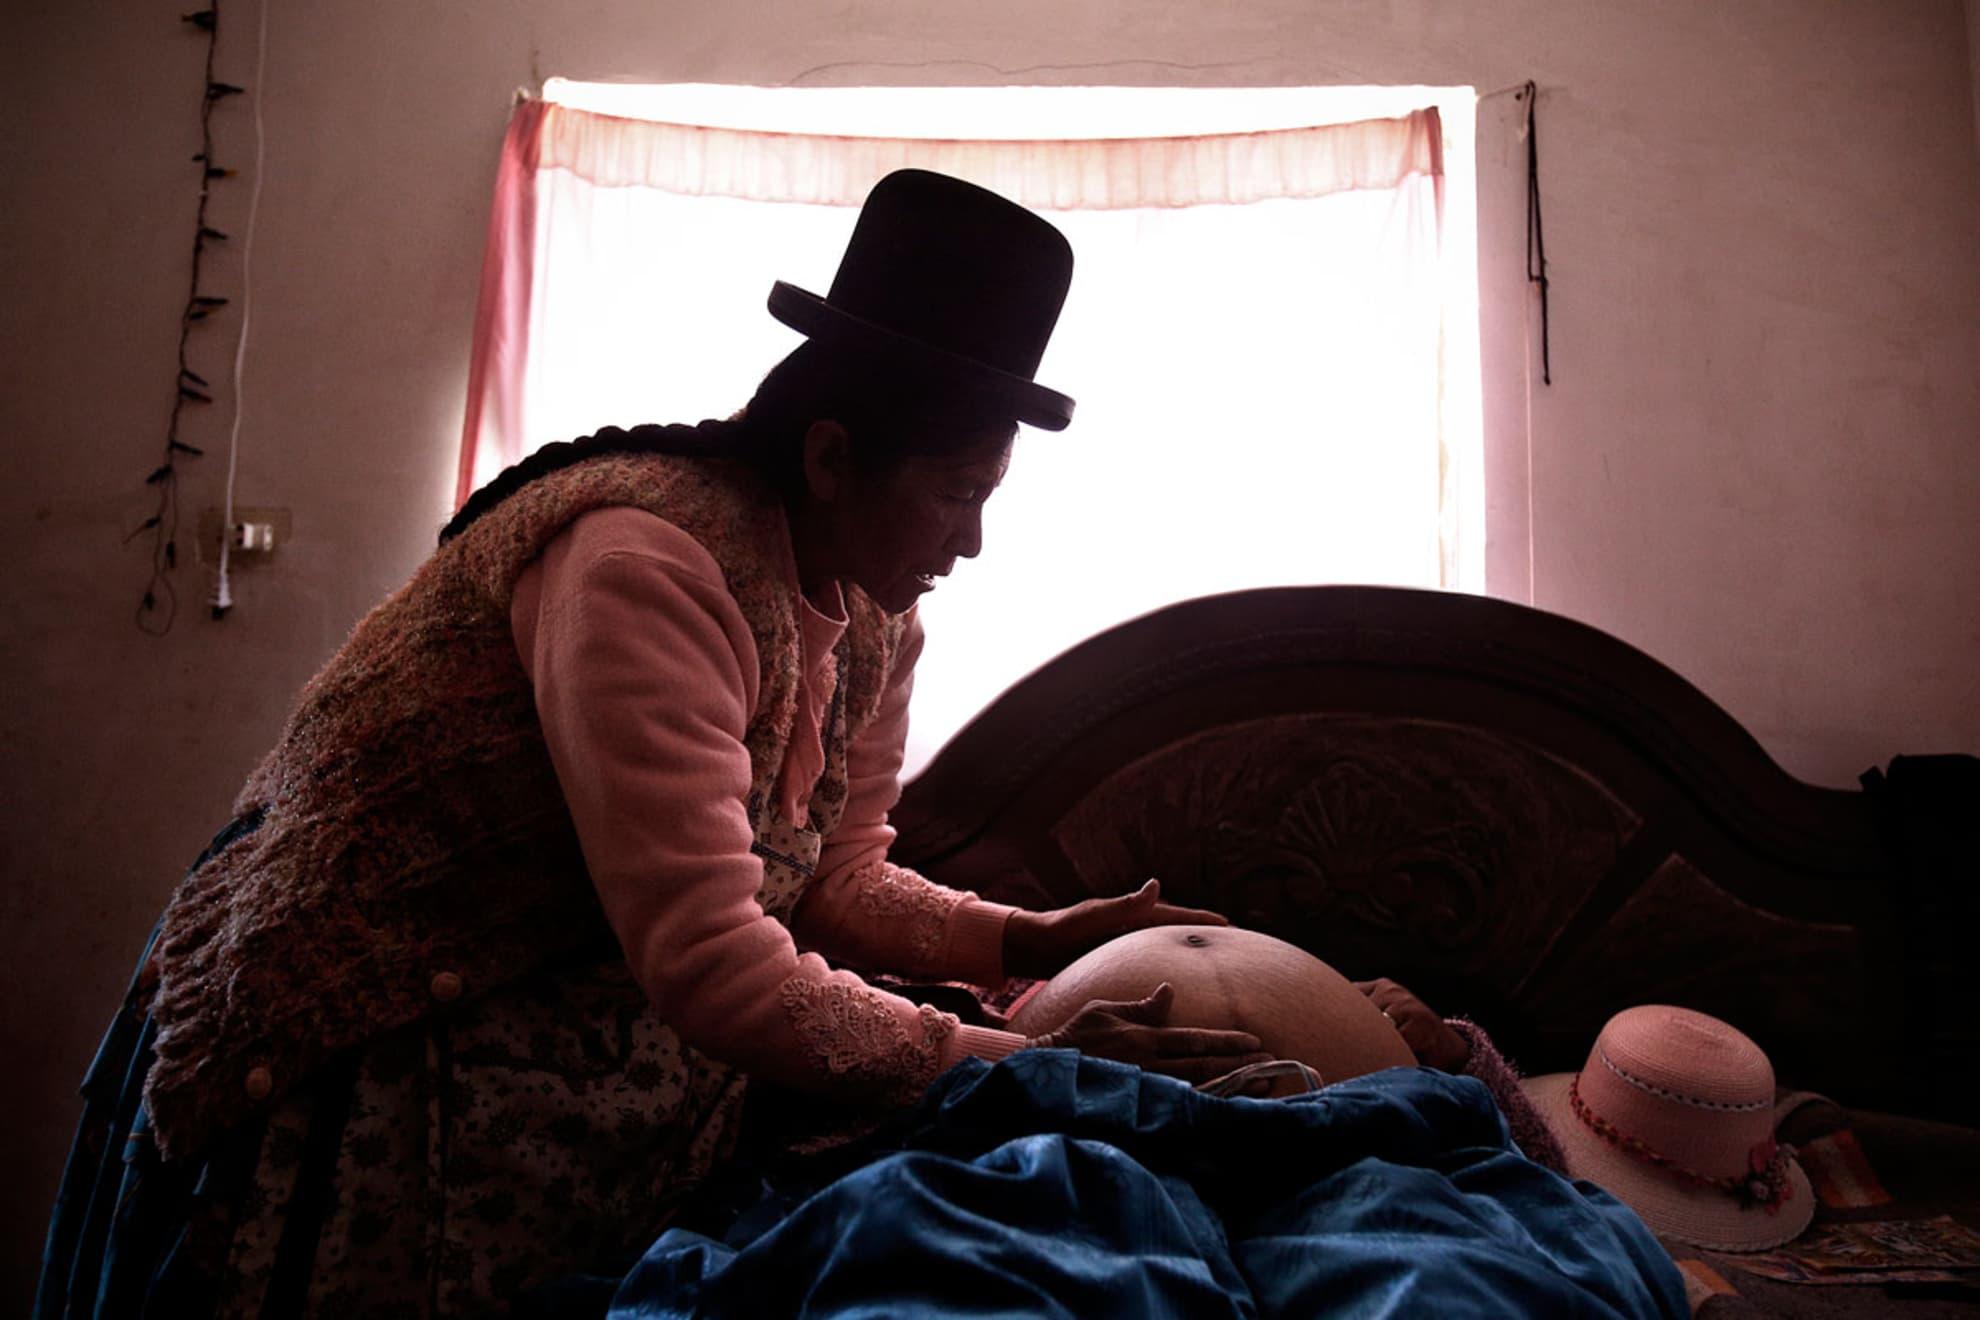 La partera Leonarda Quispe Rojas de 60 años en el laboratorio de medicina tradicional de su casa.